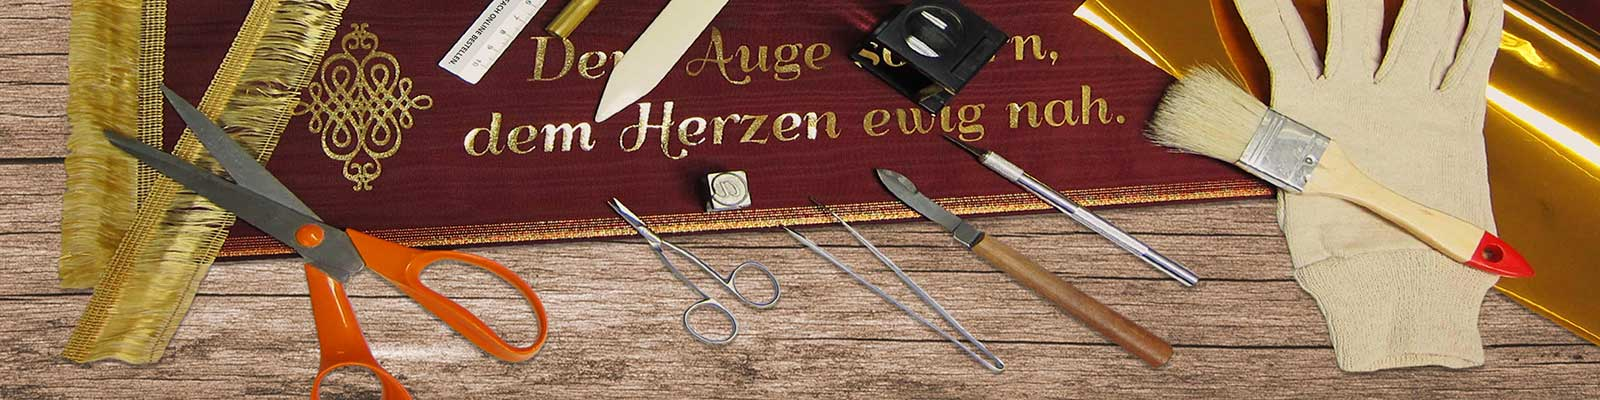 Fertigung-Banner - Trauerschleif mit Spruch online bestellen